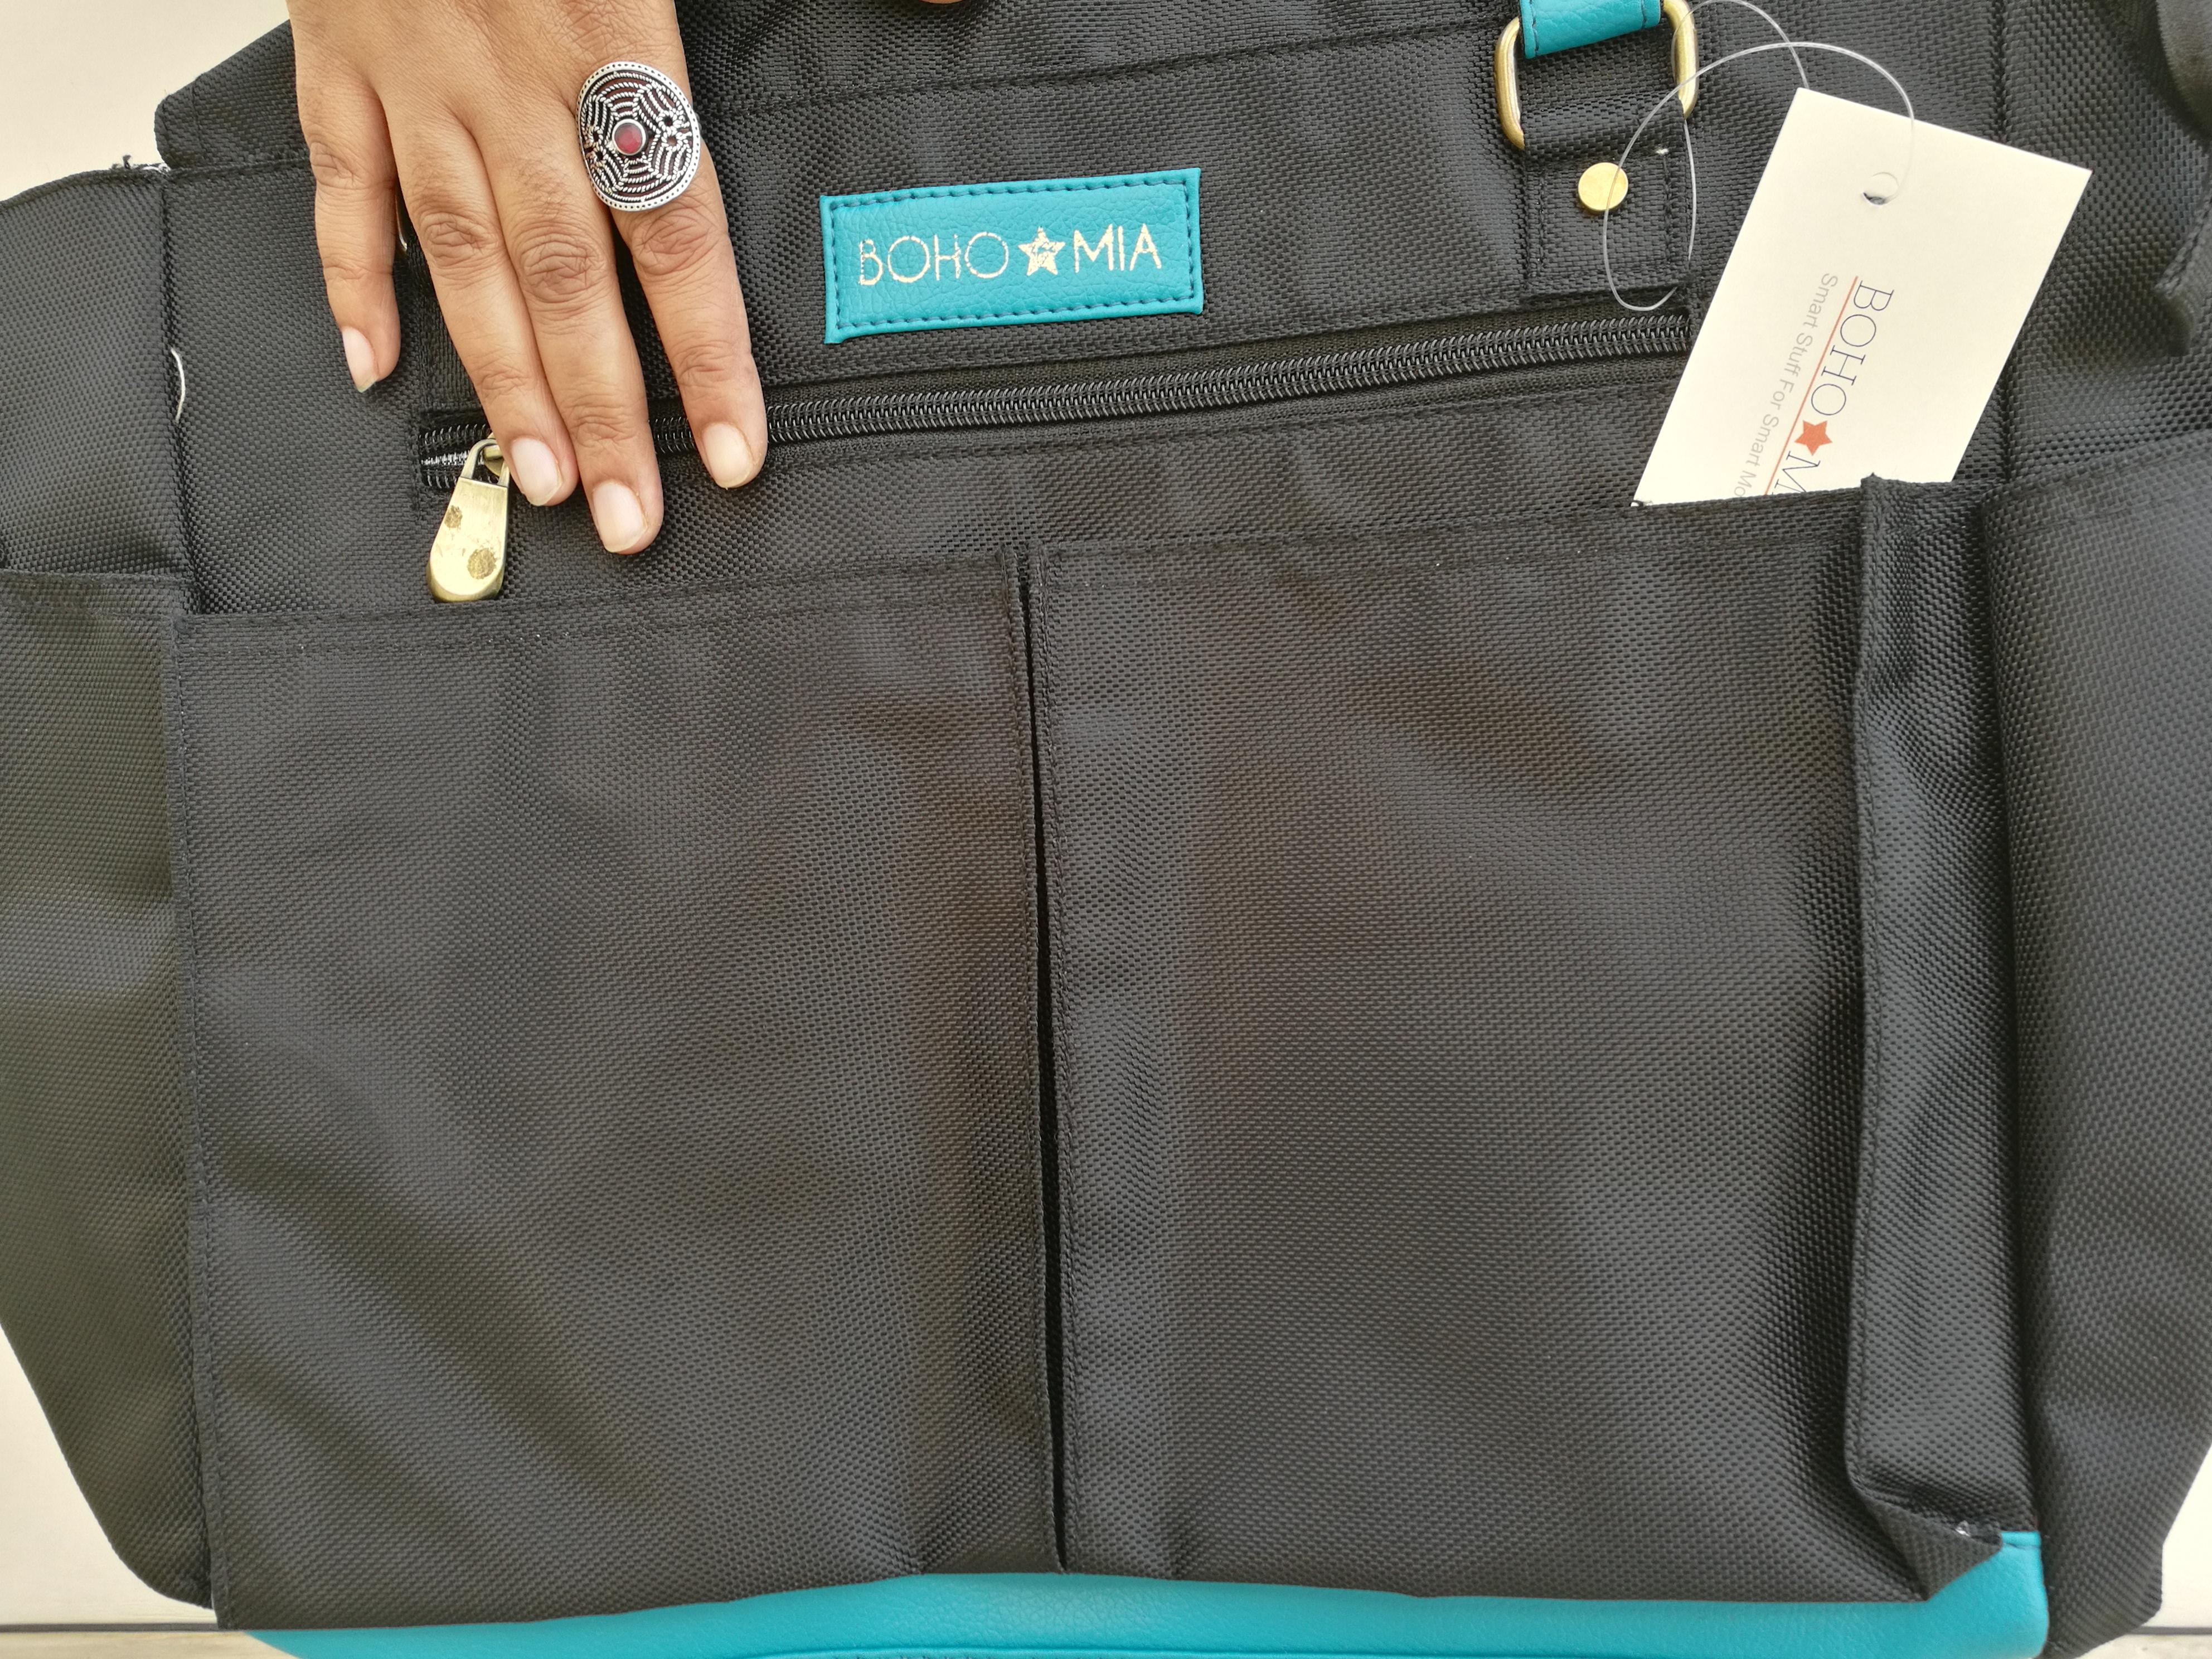 Bohomia Classic Large Tote Diaper Bag Review